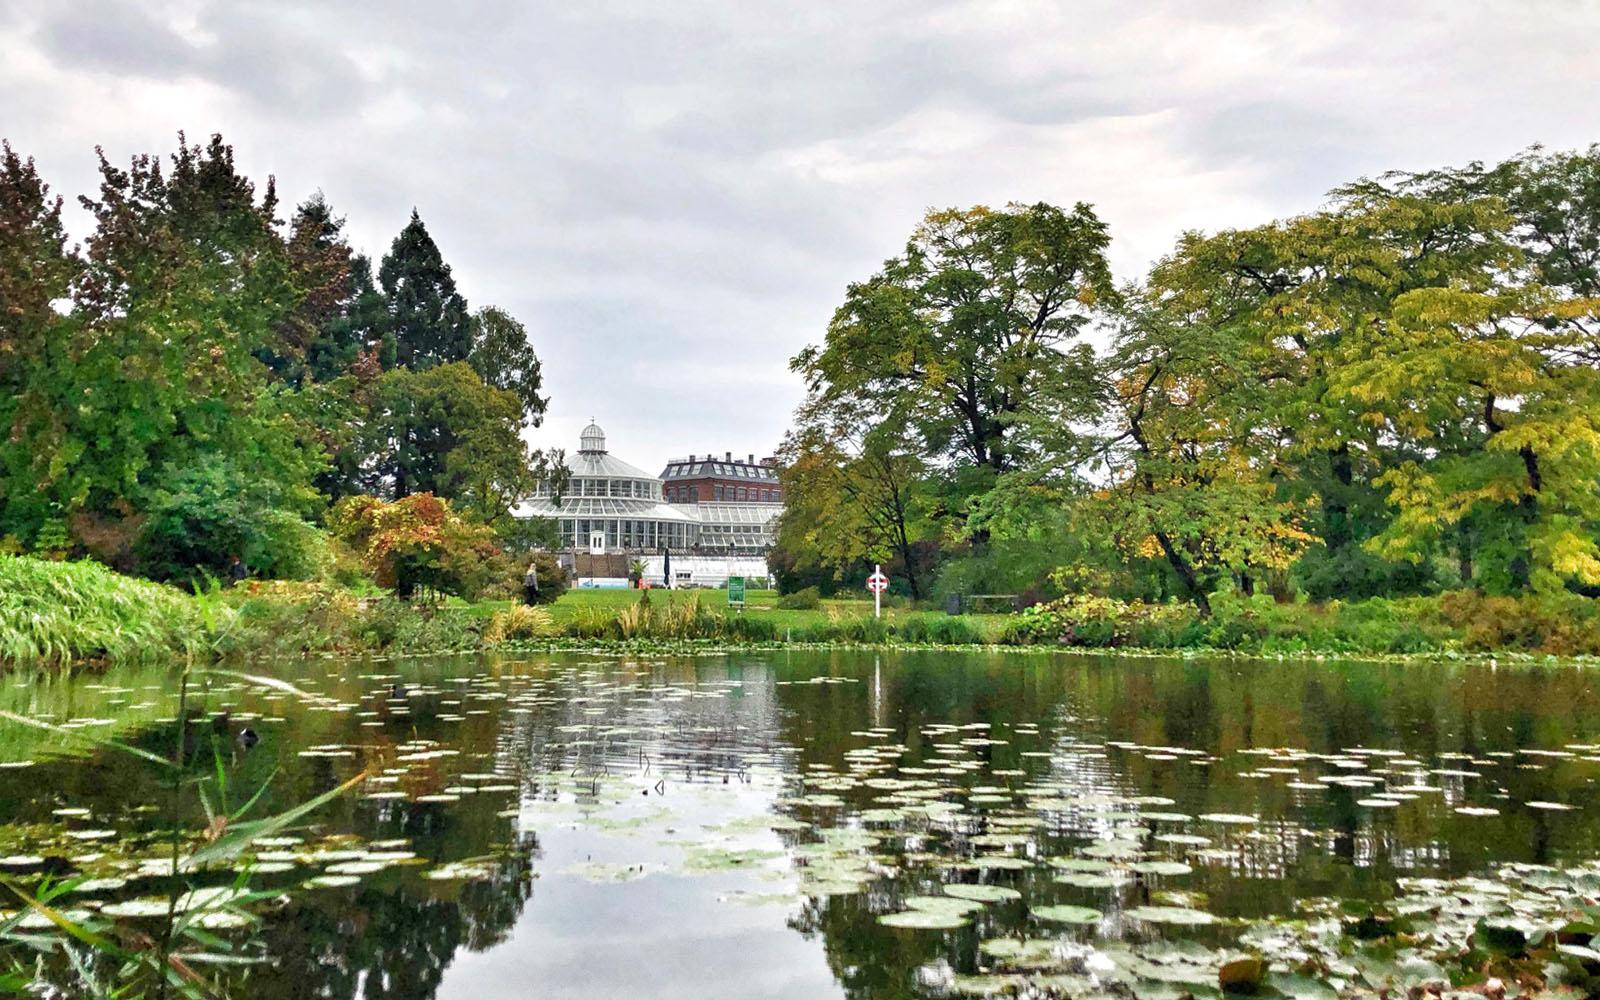 Il Giardino Botanico di Copenaghen la suggestiva serra sullo sfondo. © oltreilbalcone